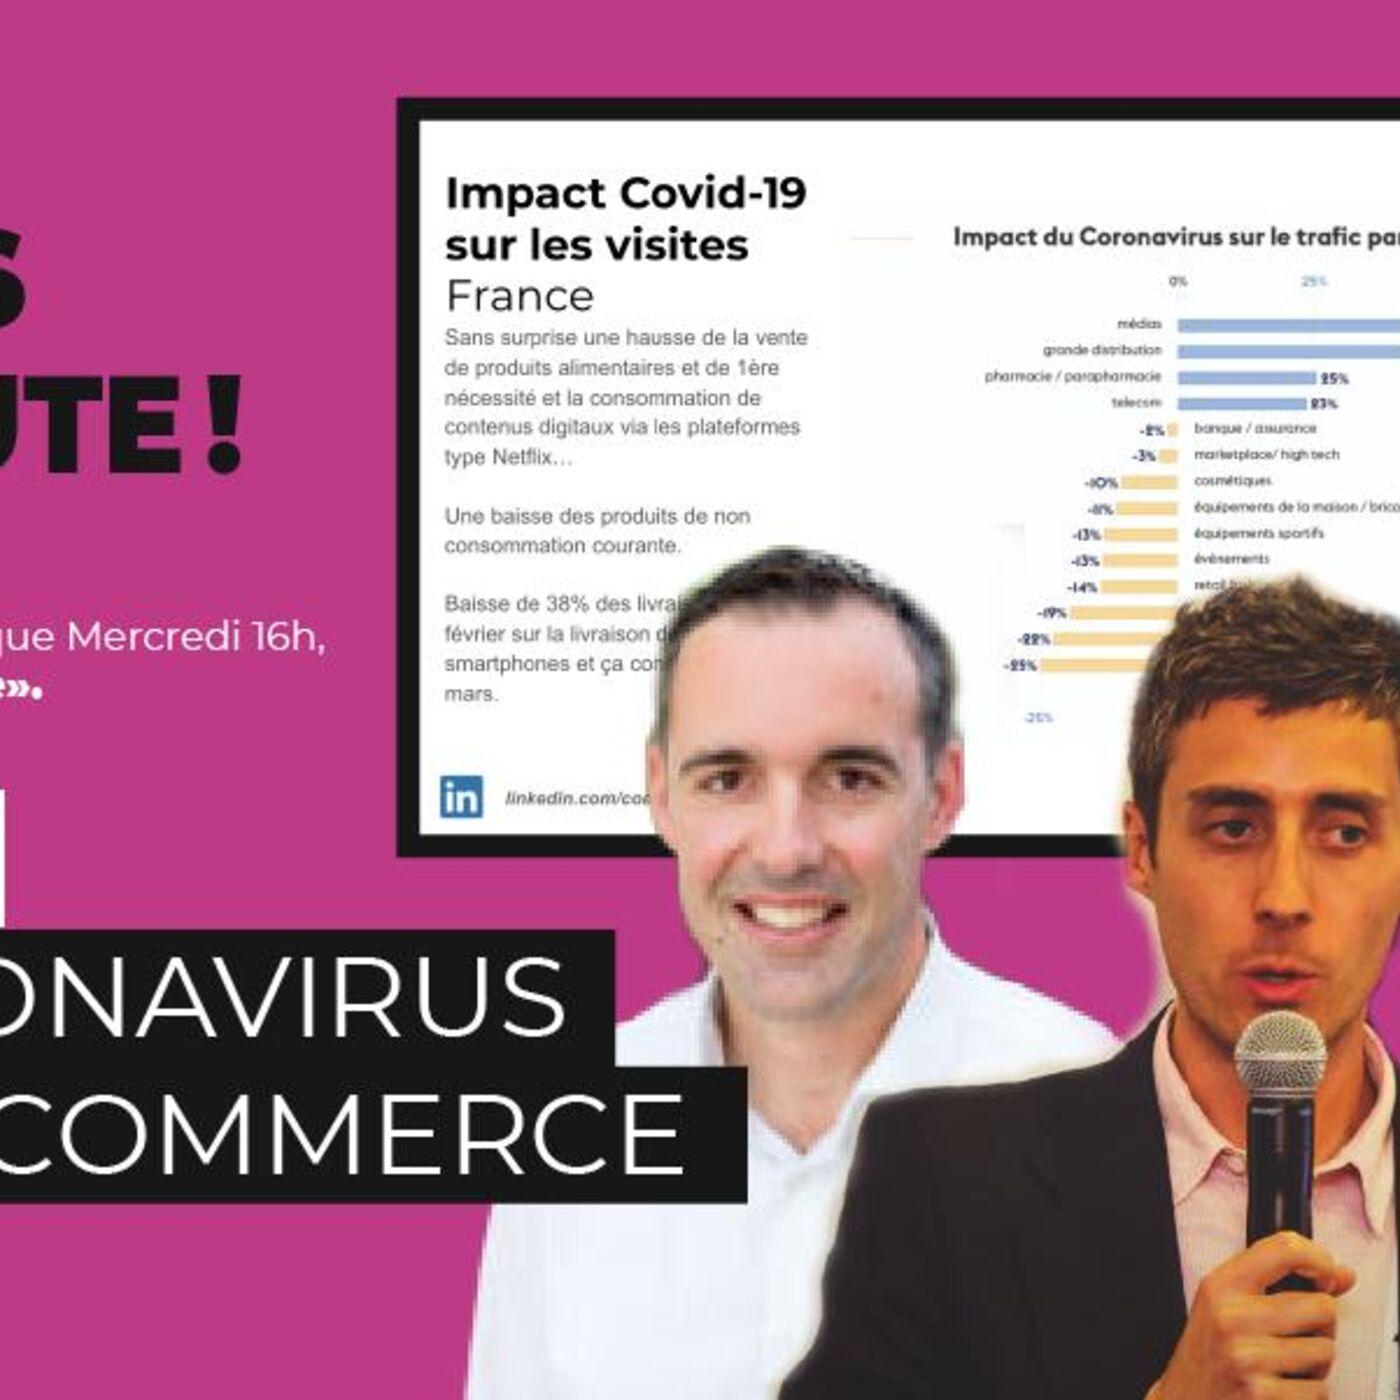 #15 Live 2 pour aider les e-commerçants face au Covid19